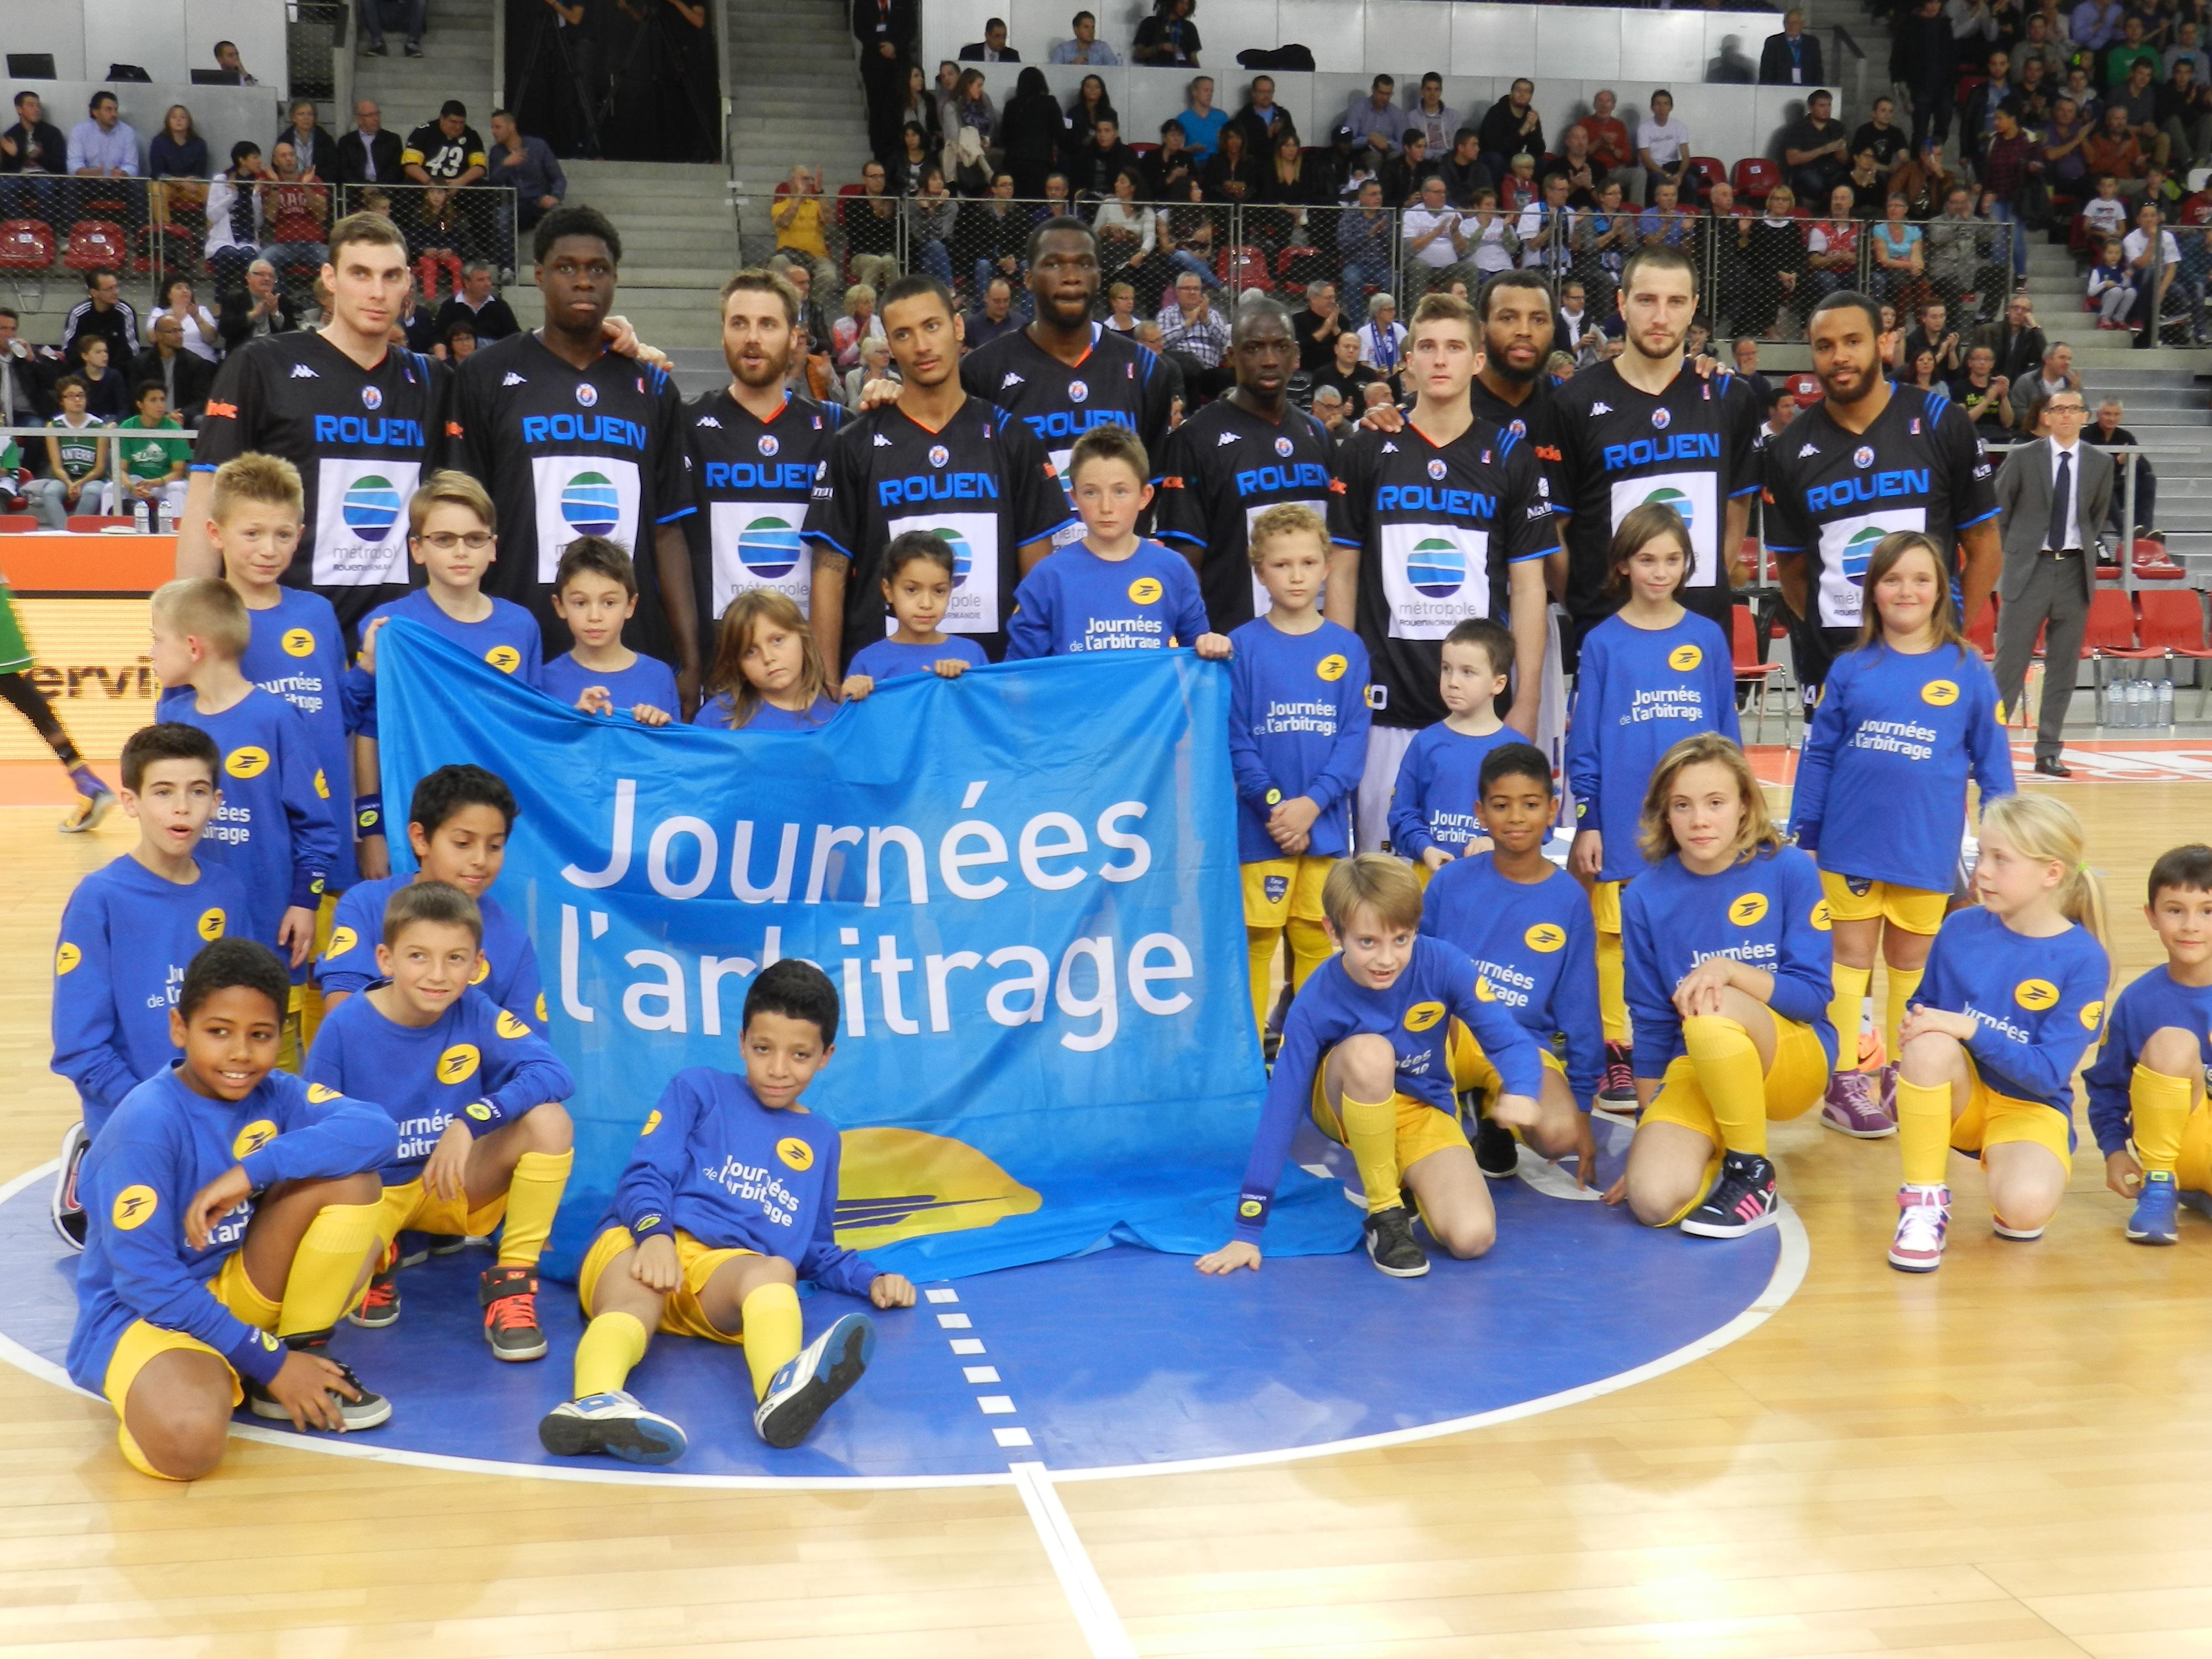 Les enfants de postiers avec des joueurs du SPO Rouen avant le coup d'envoi (Photo La Poste)